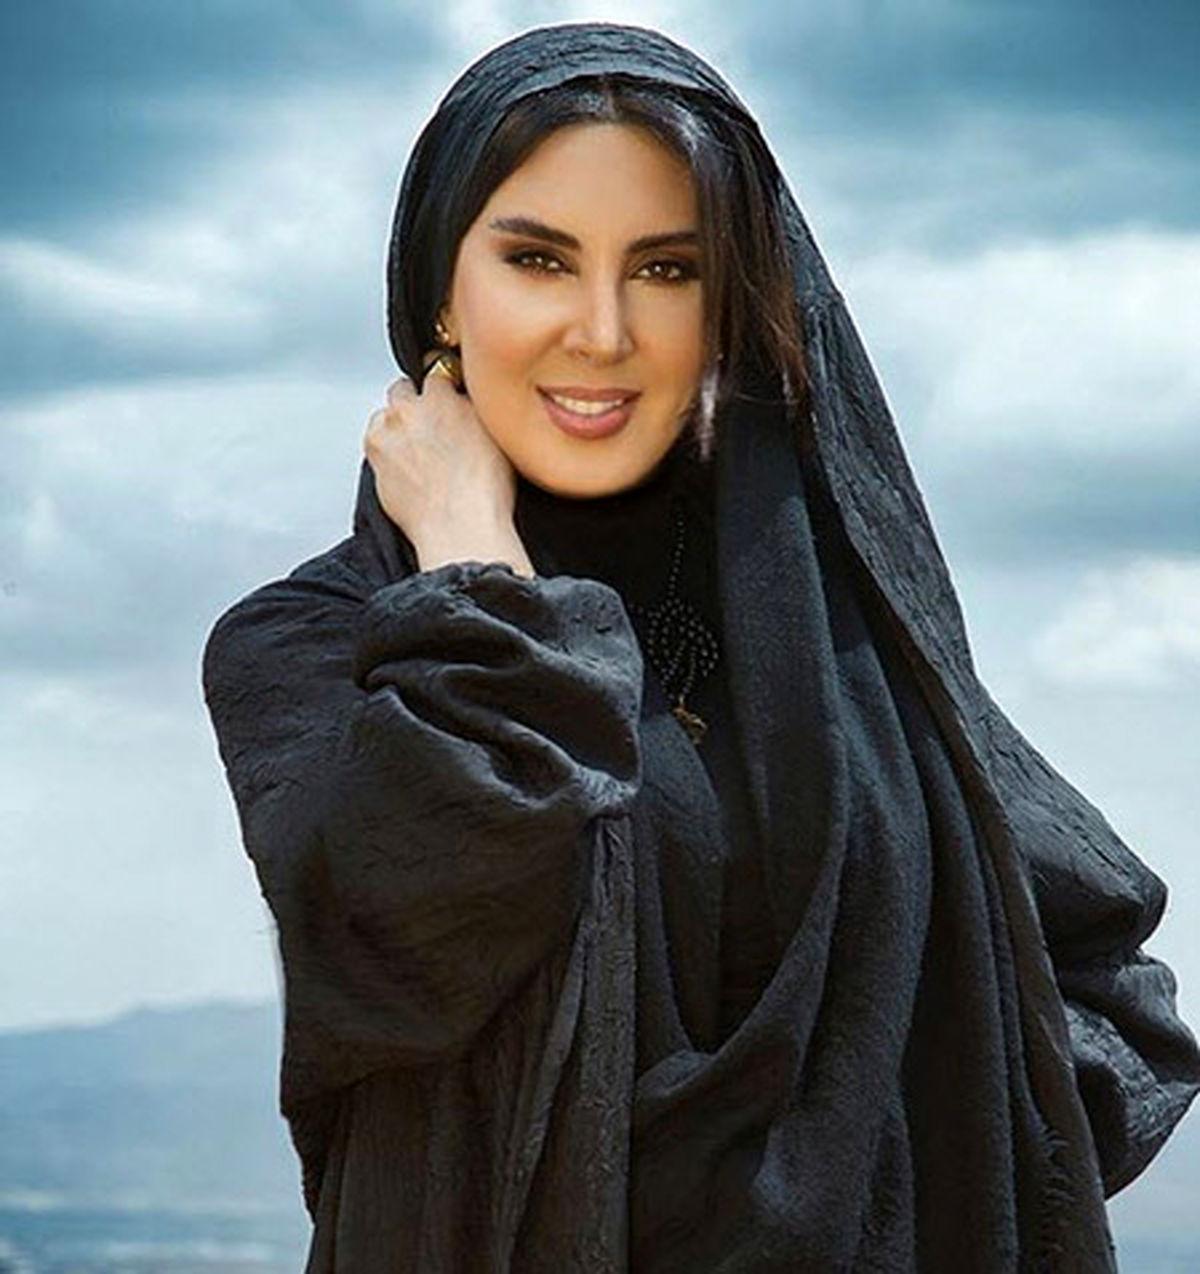 لیلا بلوکات در جشن میلیاردی خانواده وزیر + تصاویر